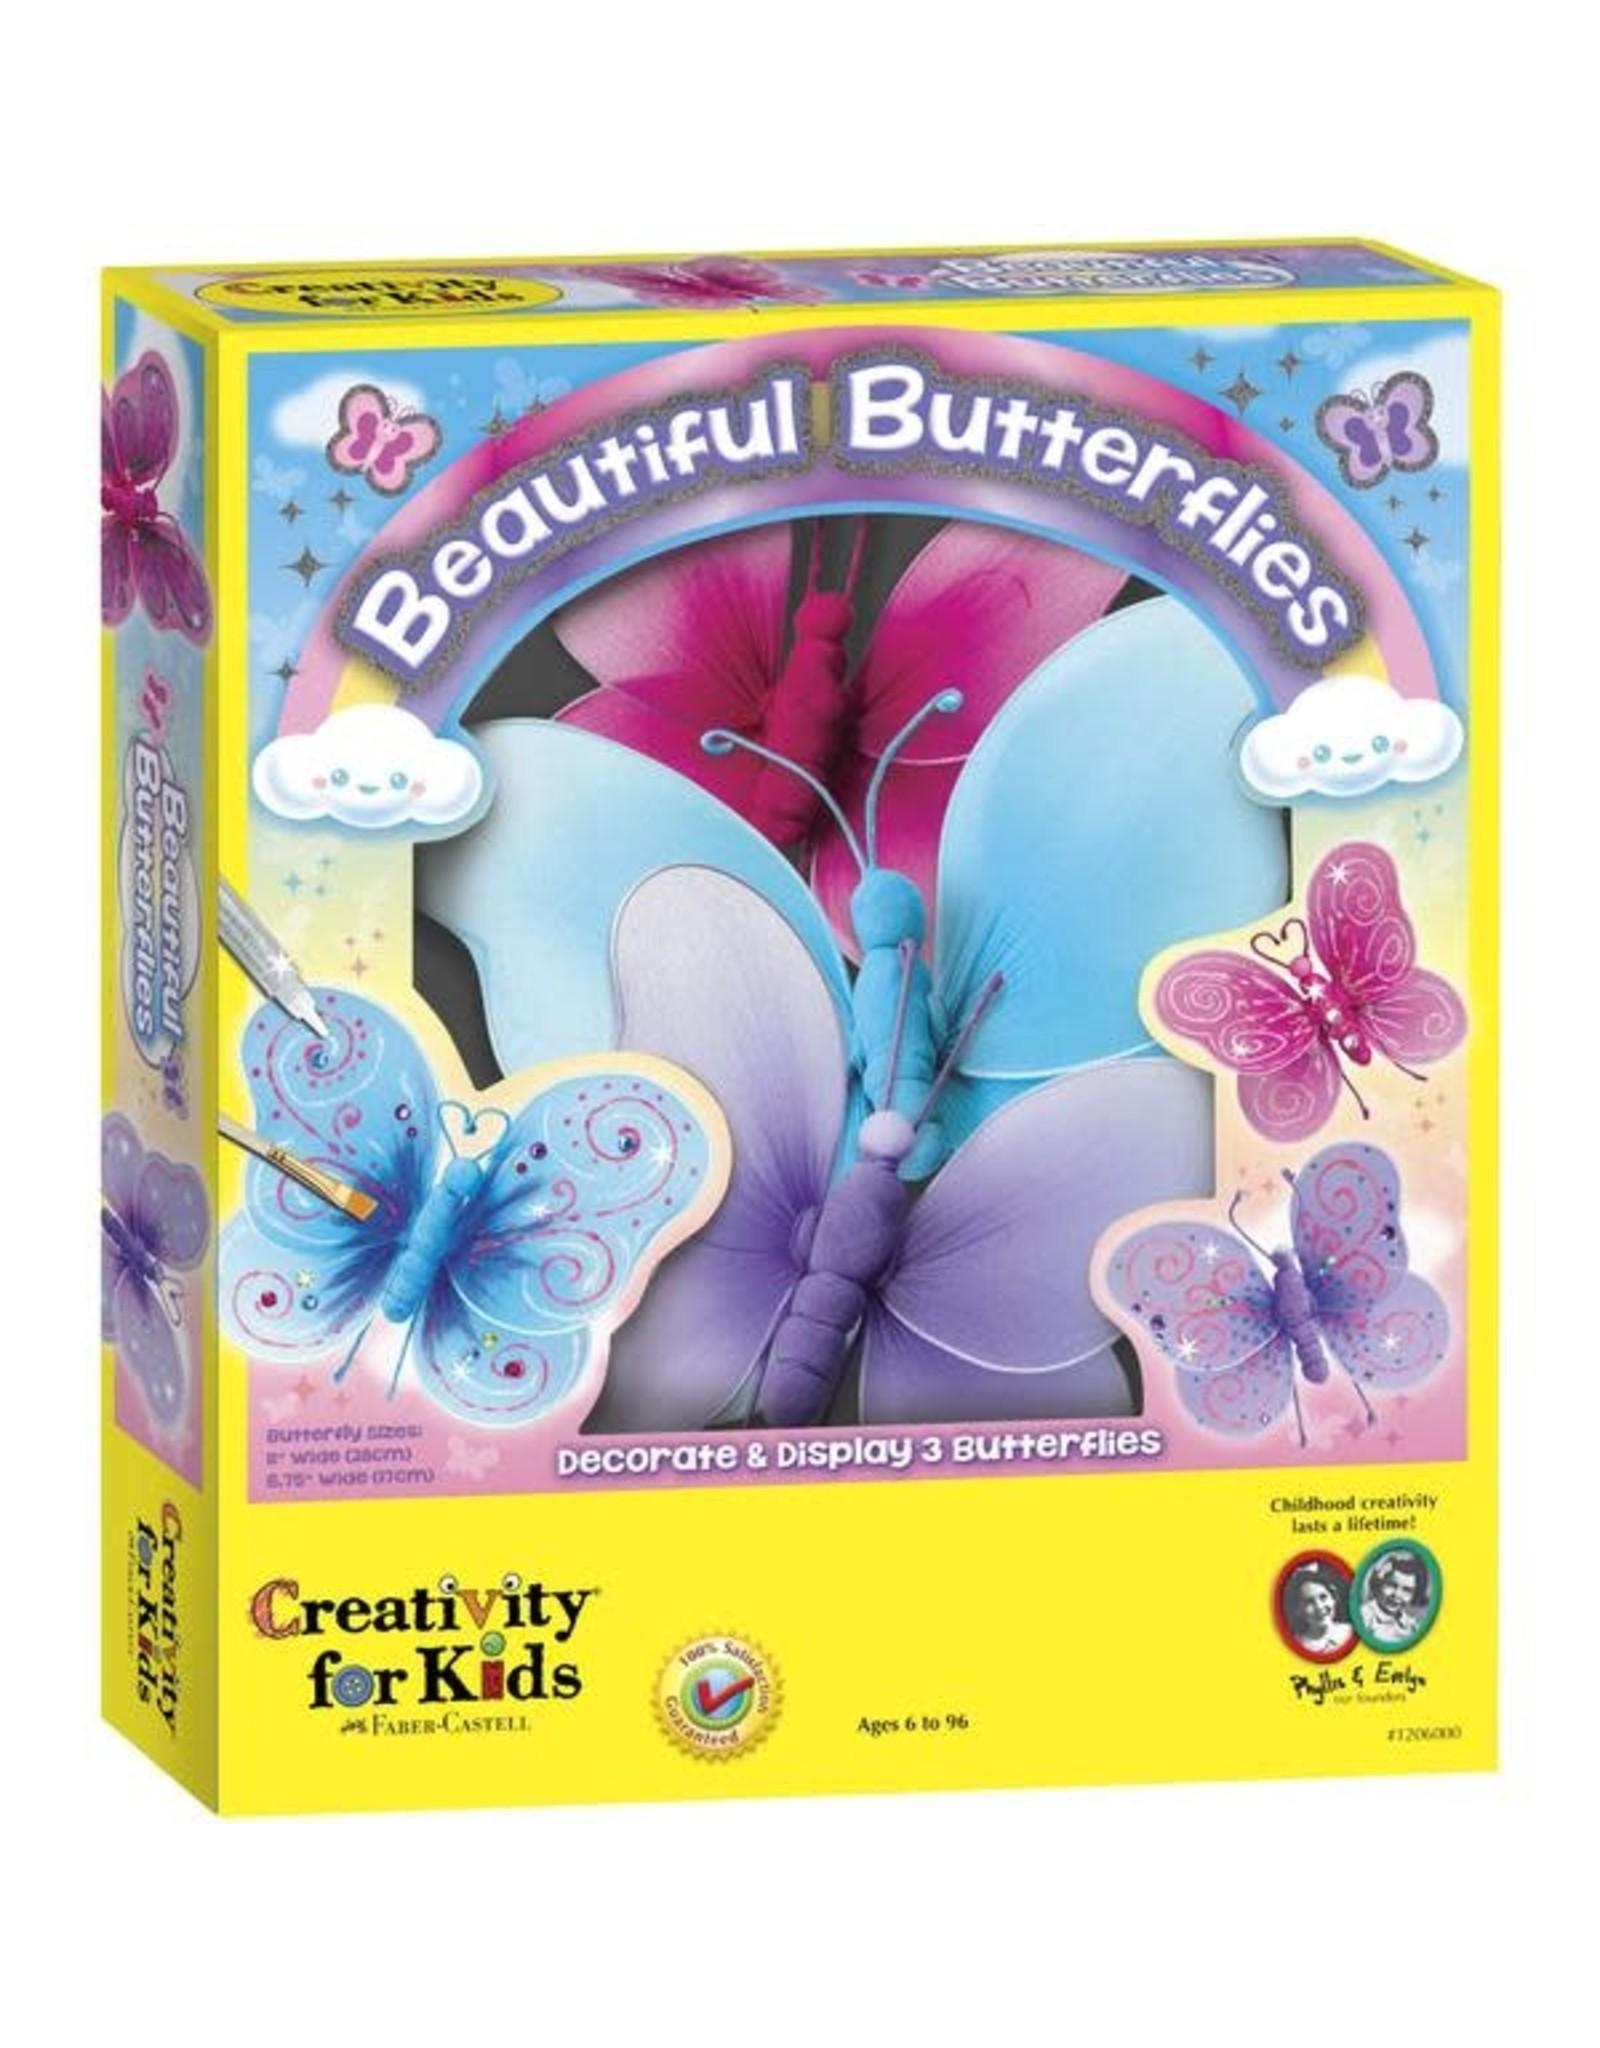 Faber Castell Beautiful Butterflies